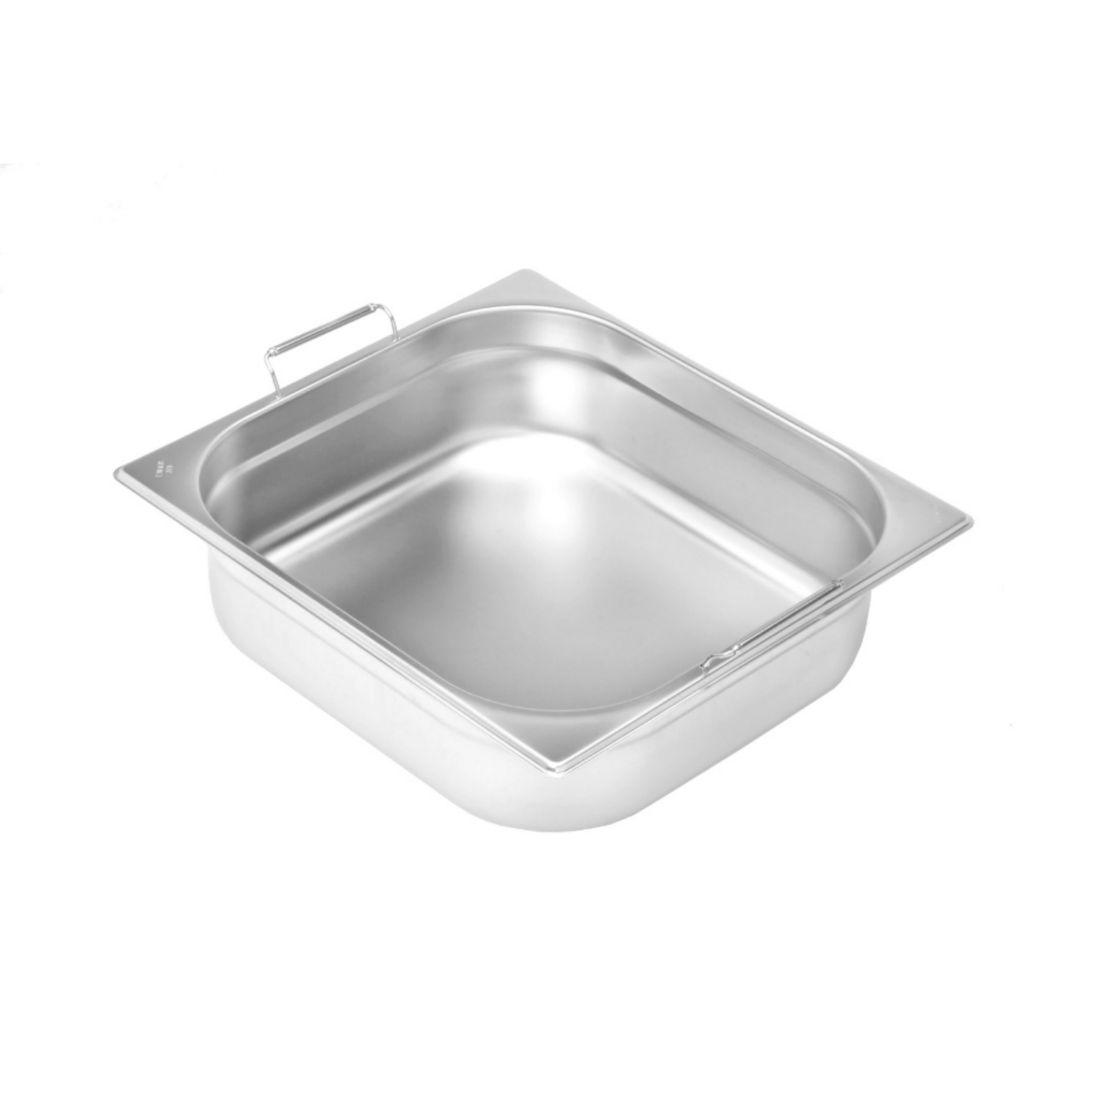 Gastronádoba Profi se sklápěcími úchyty GN 2/3 040 mm